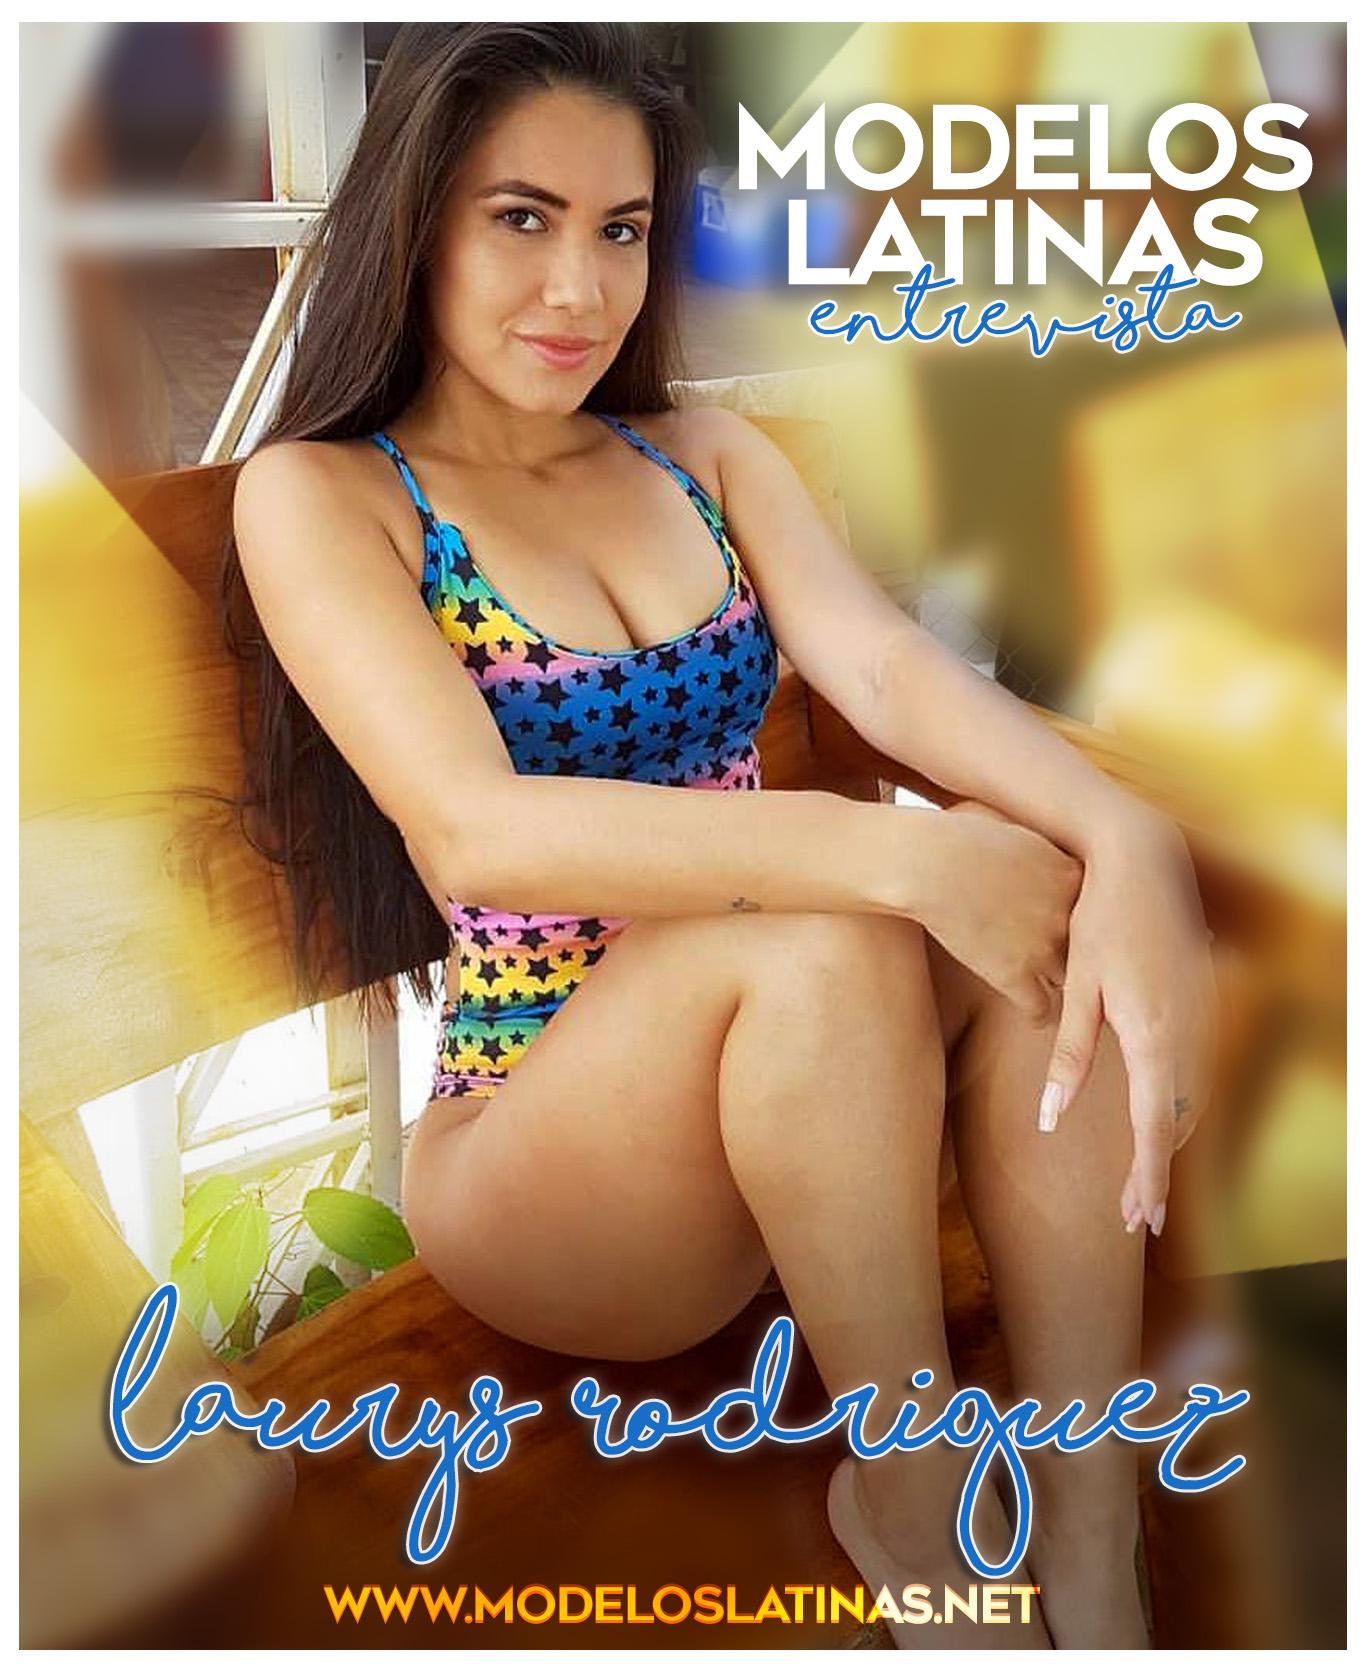 Laurys Rodriguez